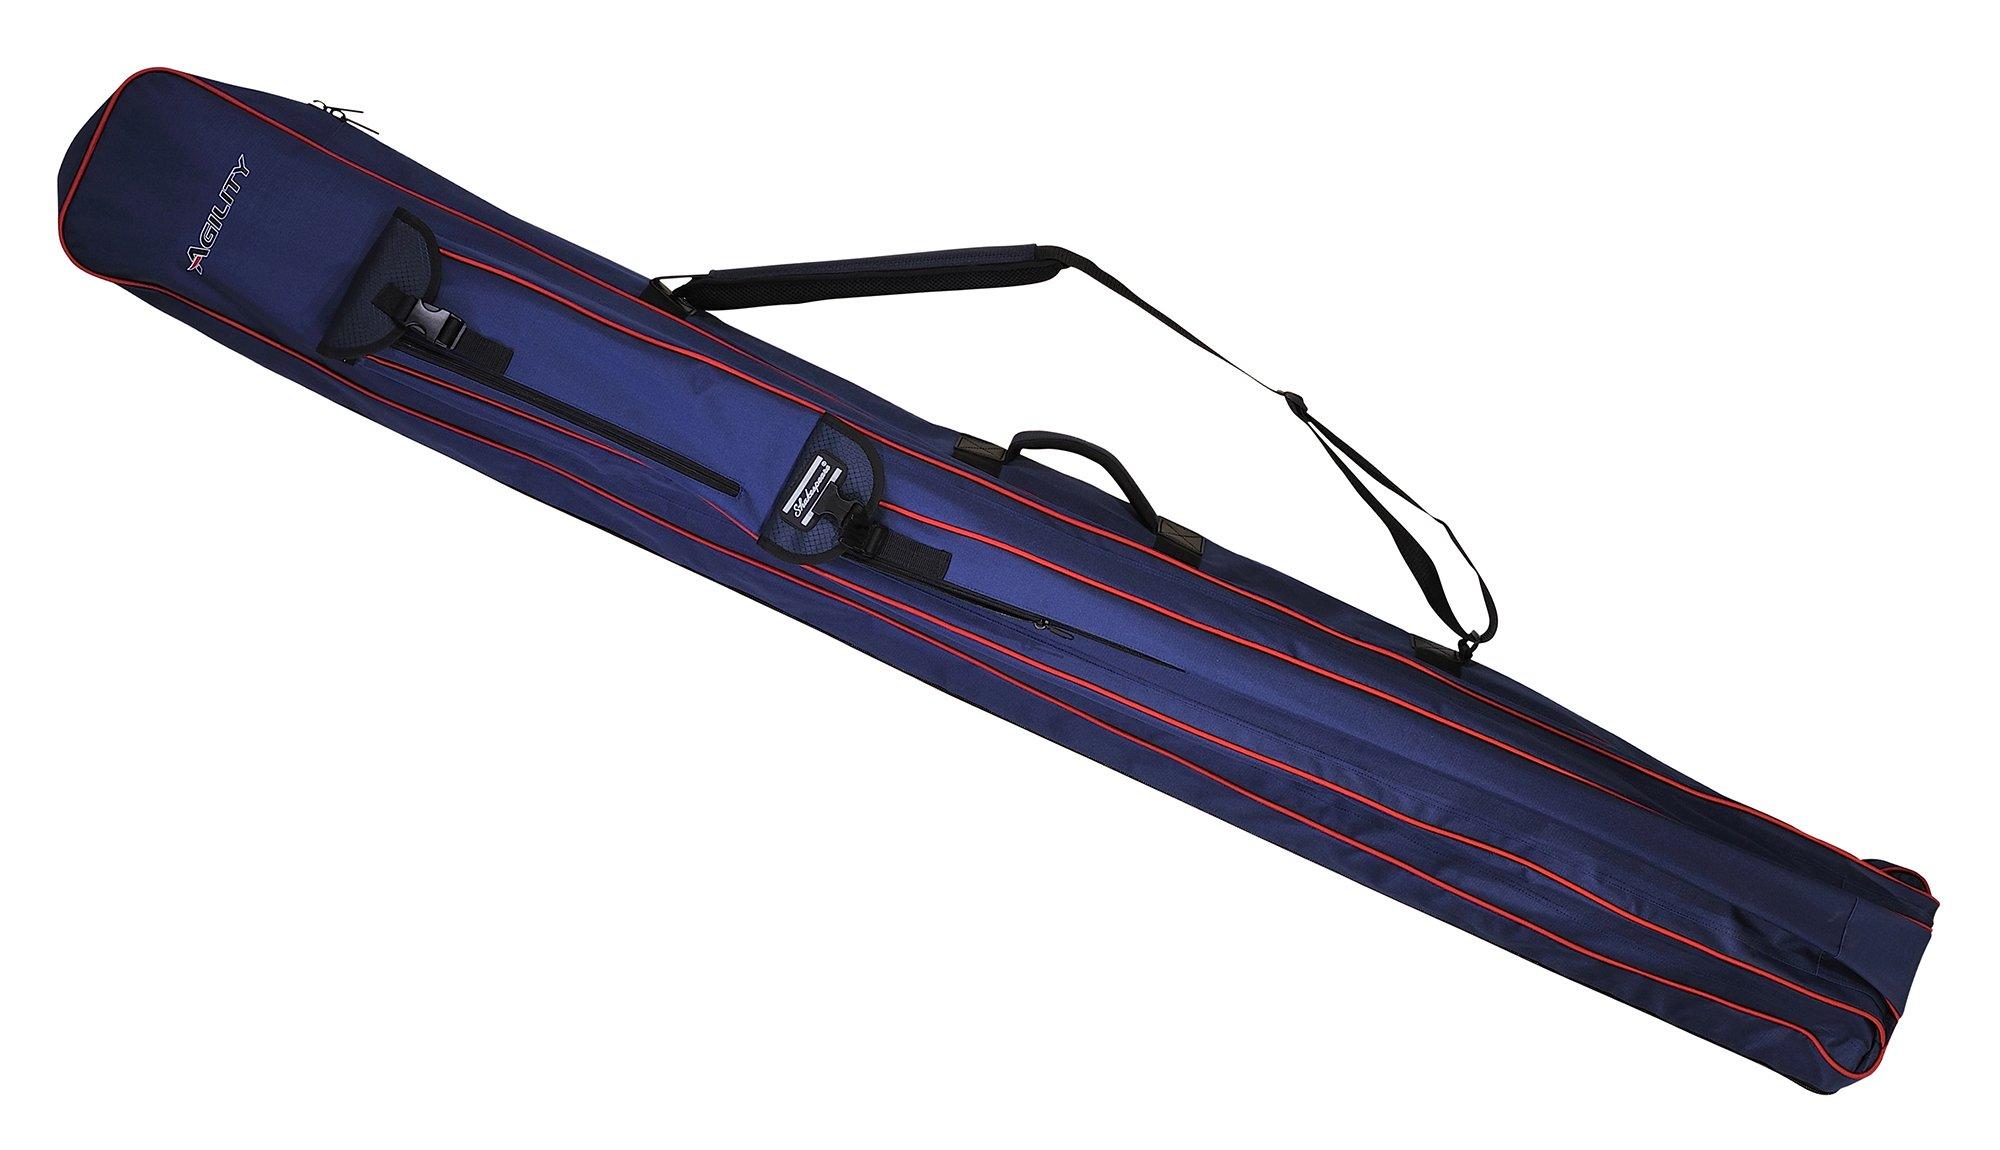 Shakespeare Agility 6 Tube Rod Bag - Blue